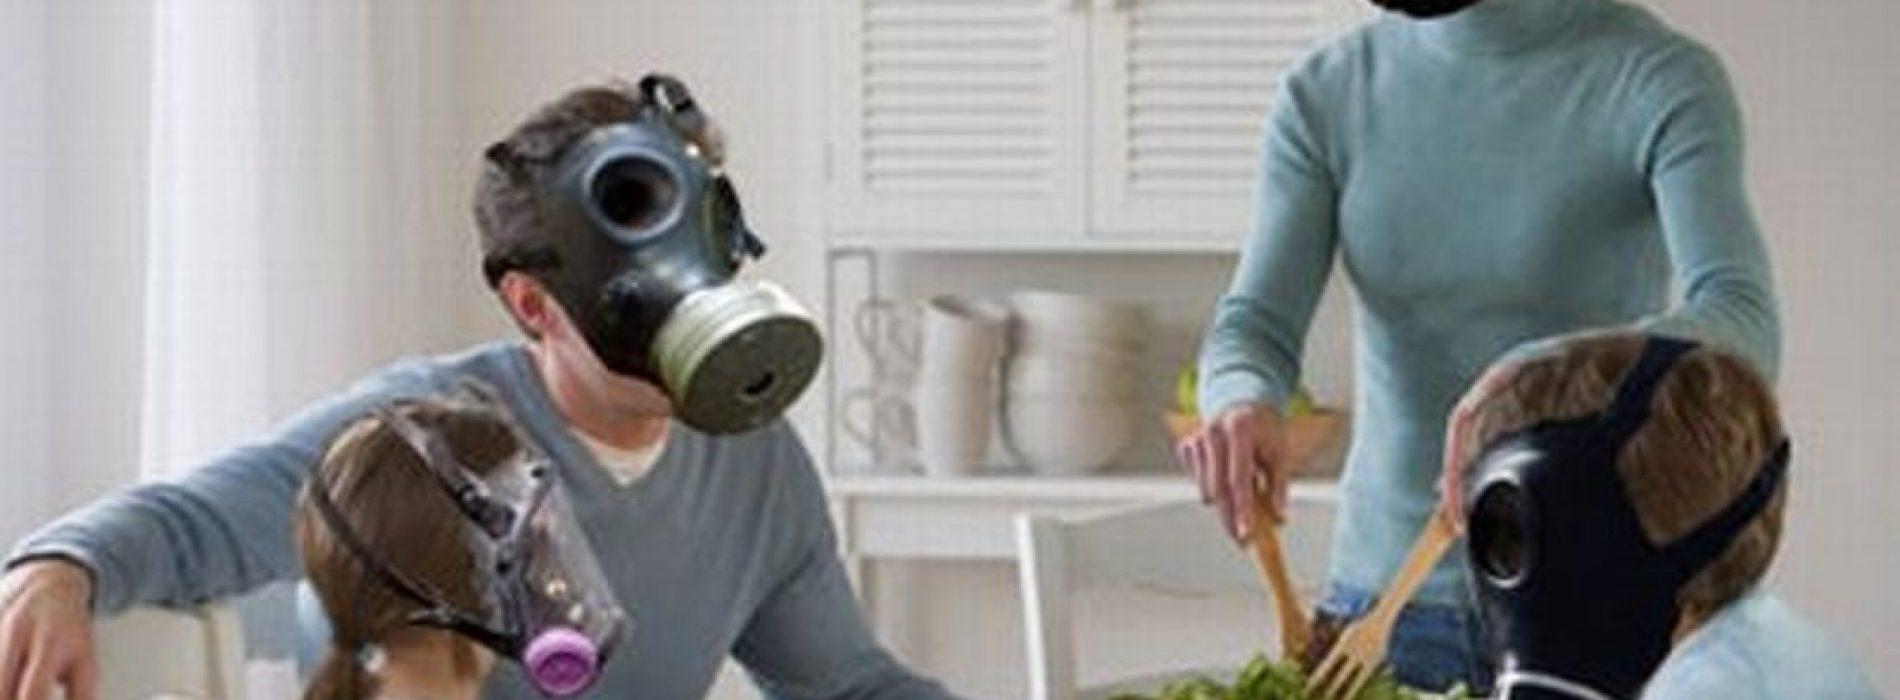 Verstorende gezondheidsrisico's van binnenluchtvervuiling blootgesteld